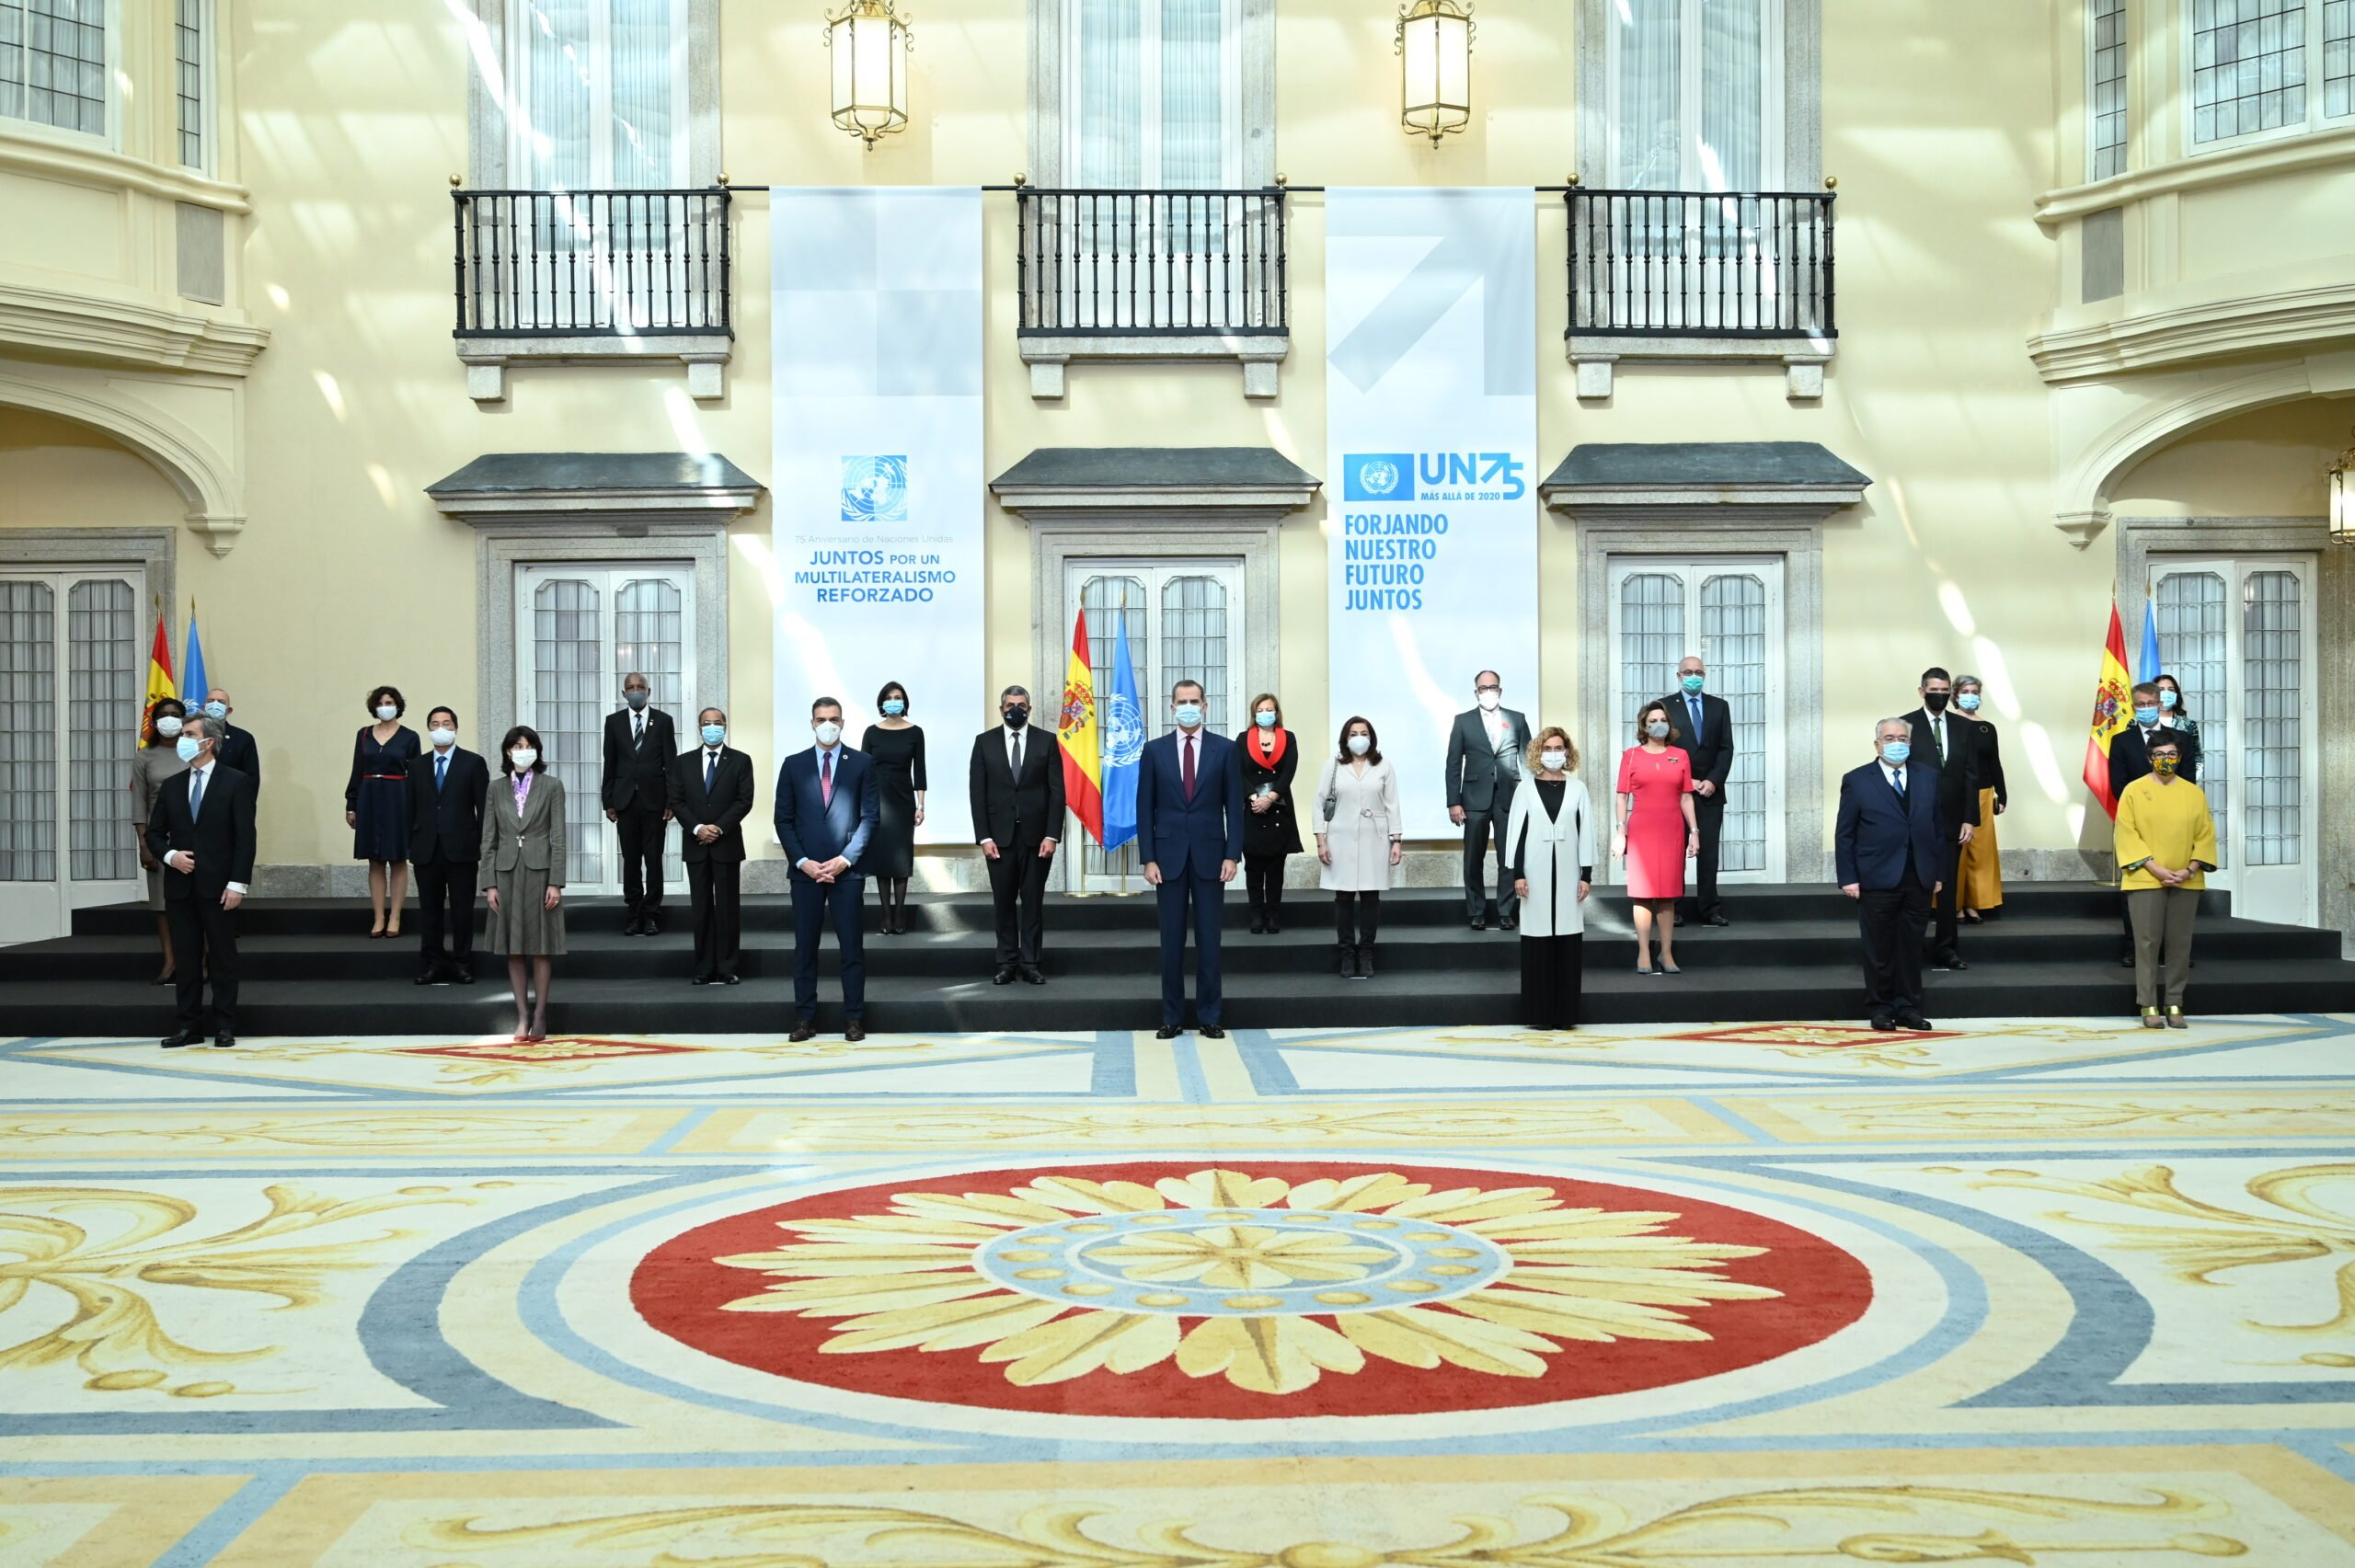 Onu - anniversario - multilateralismo